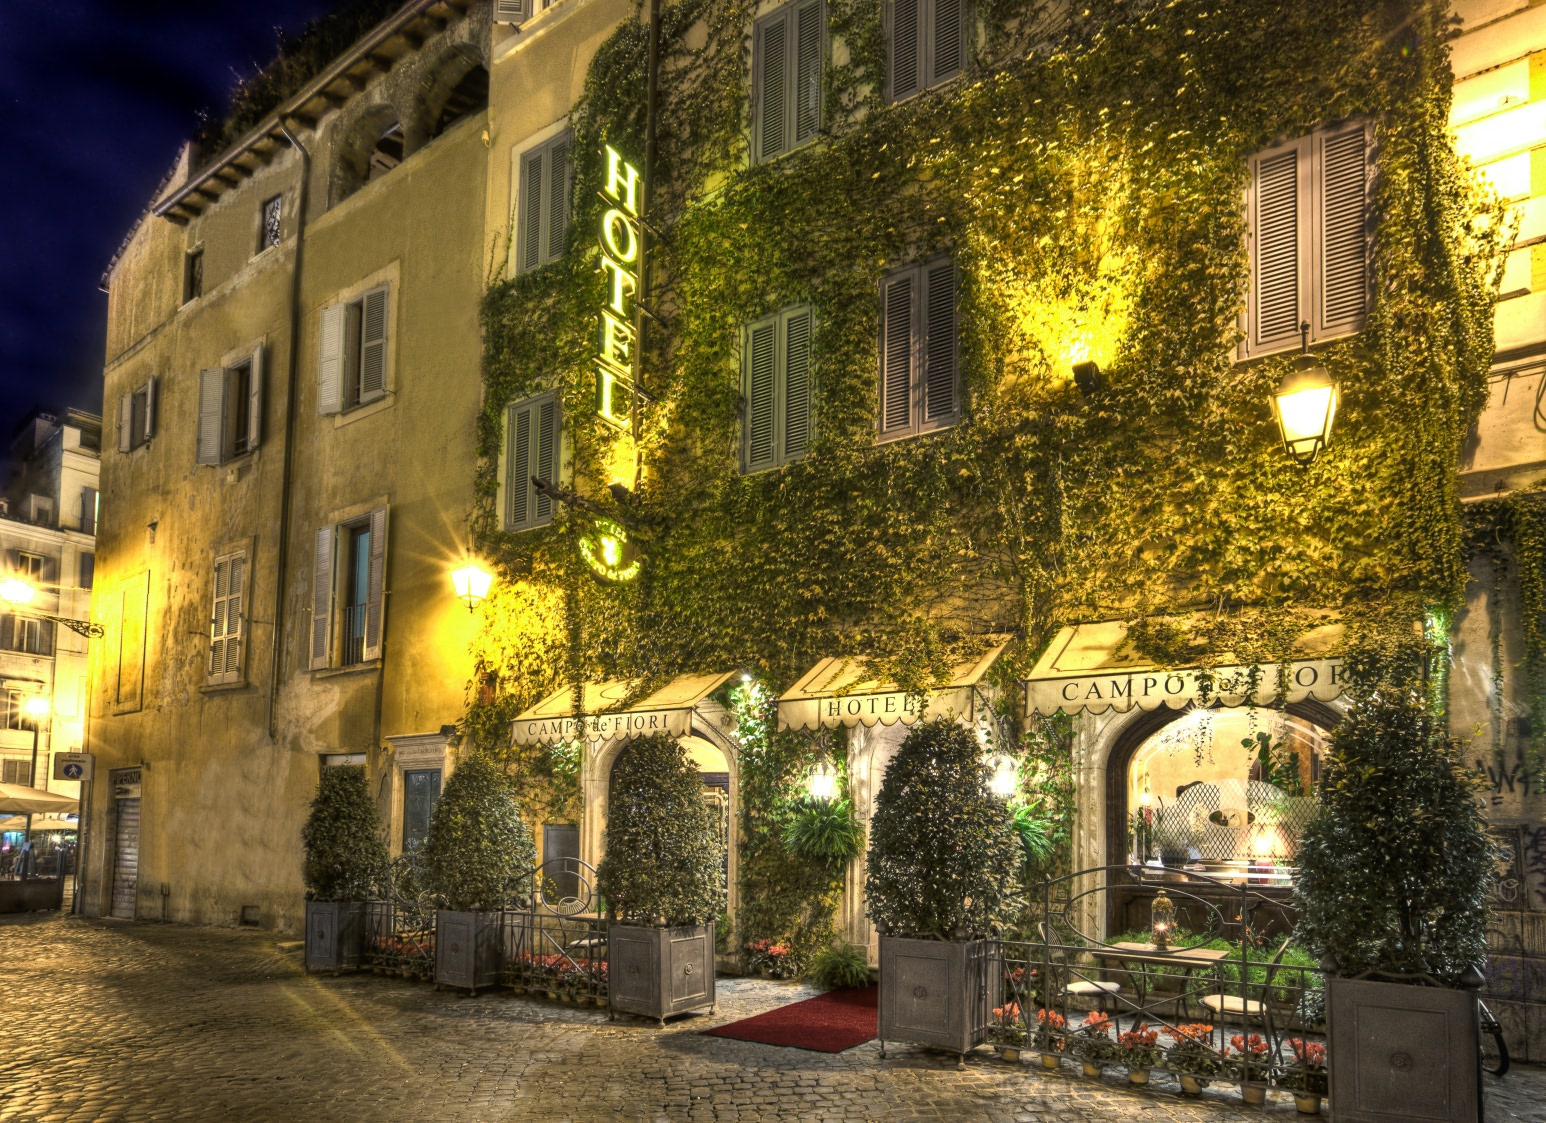 2-boutique-hotel-campo-de-fiori